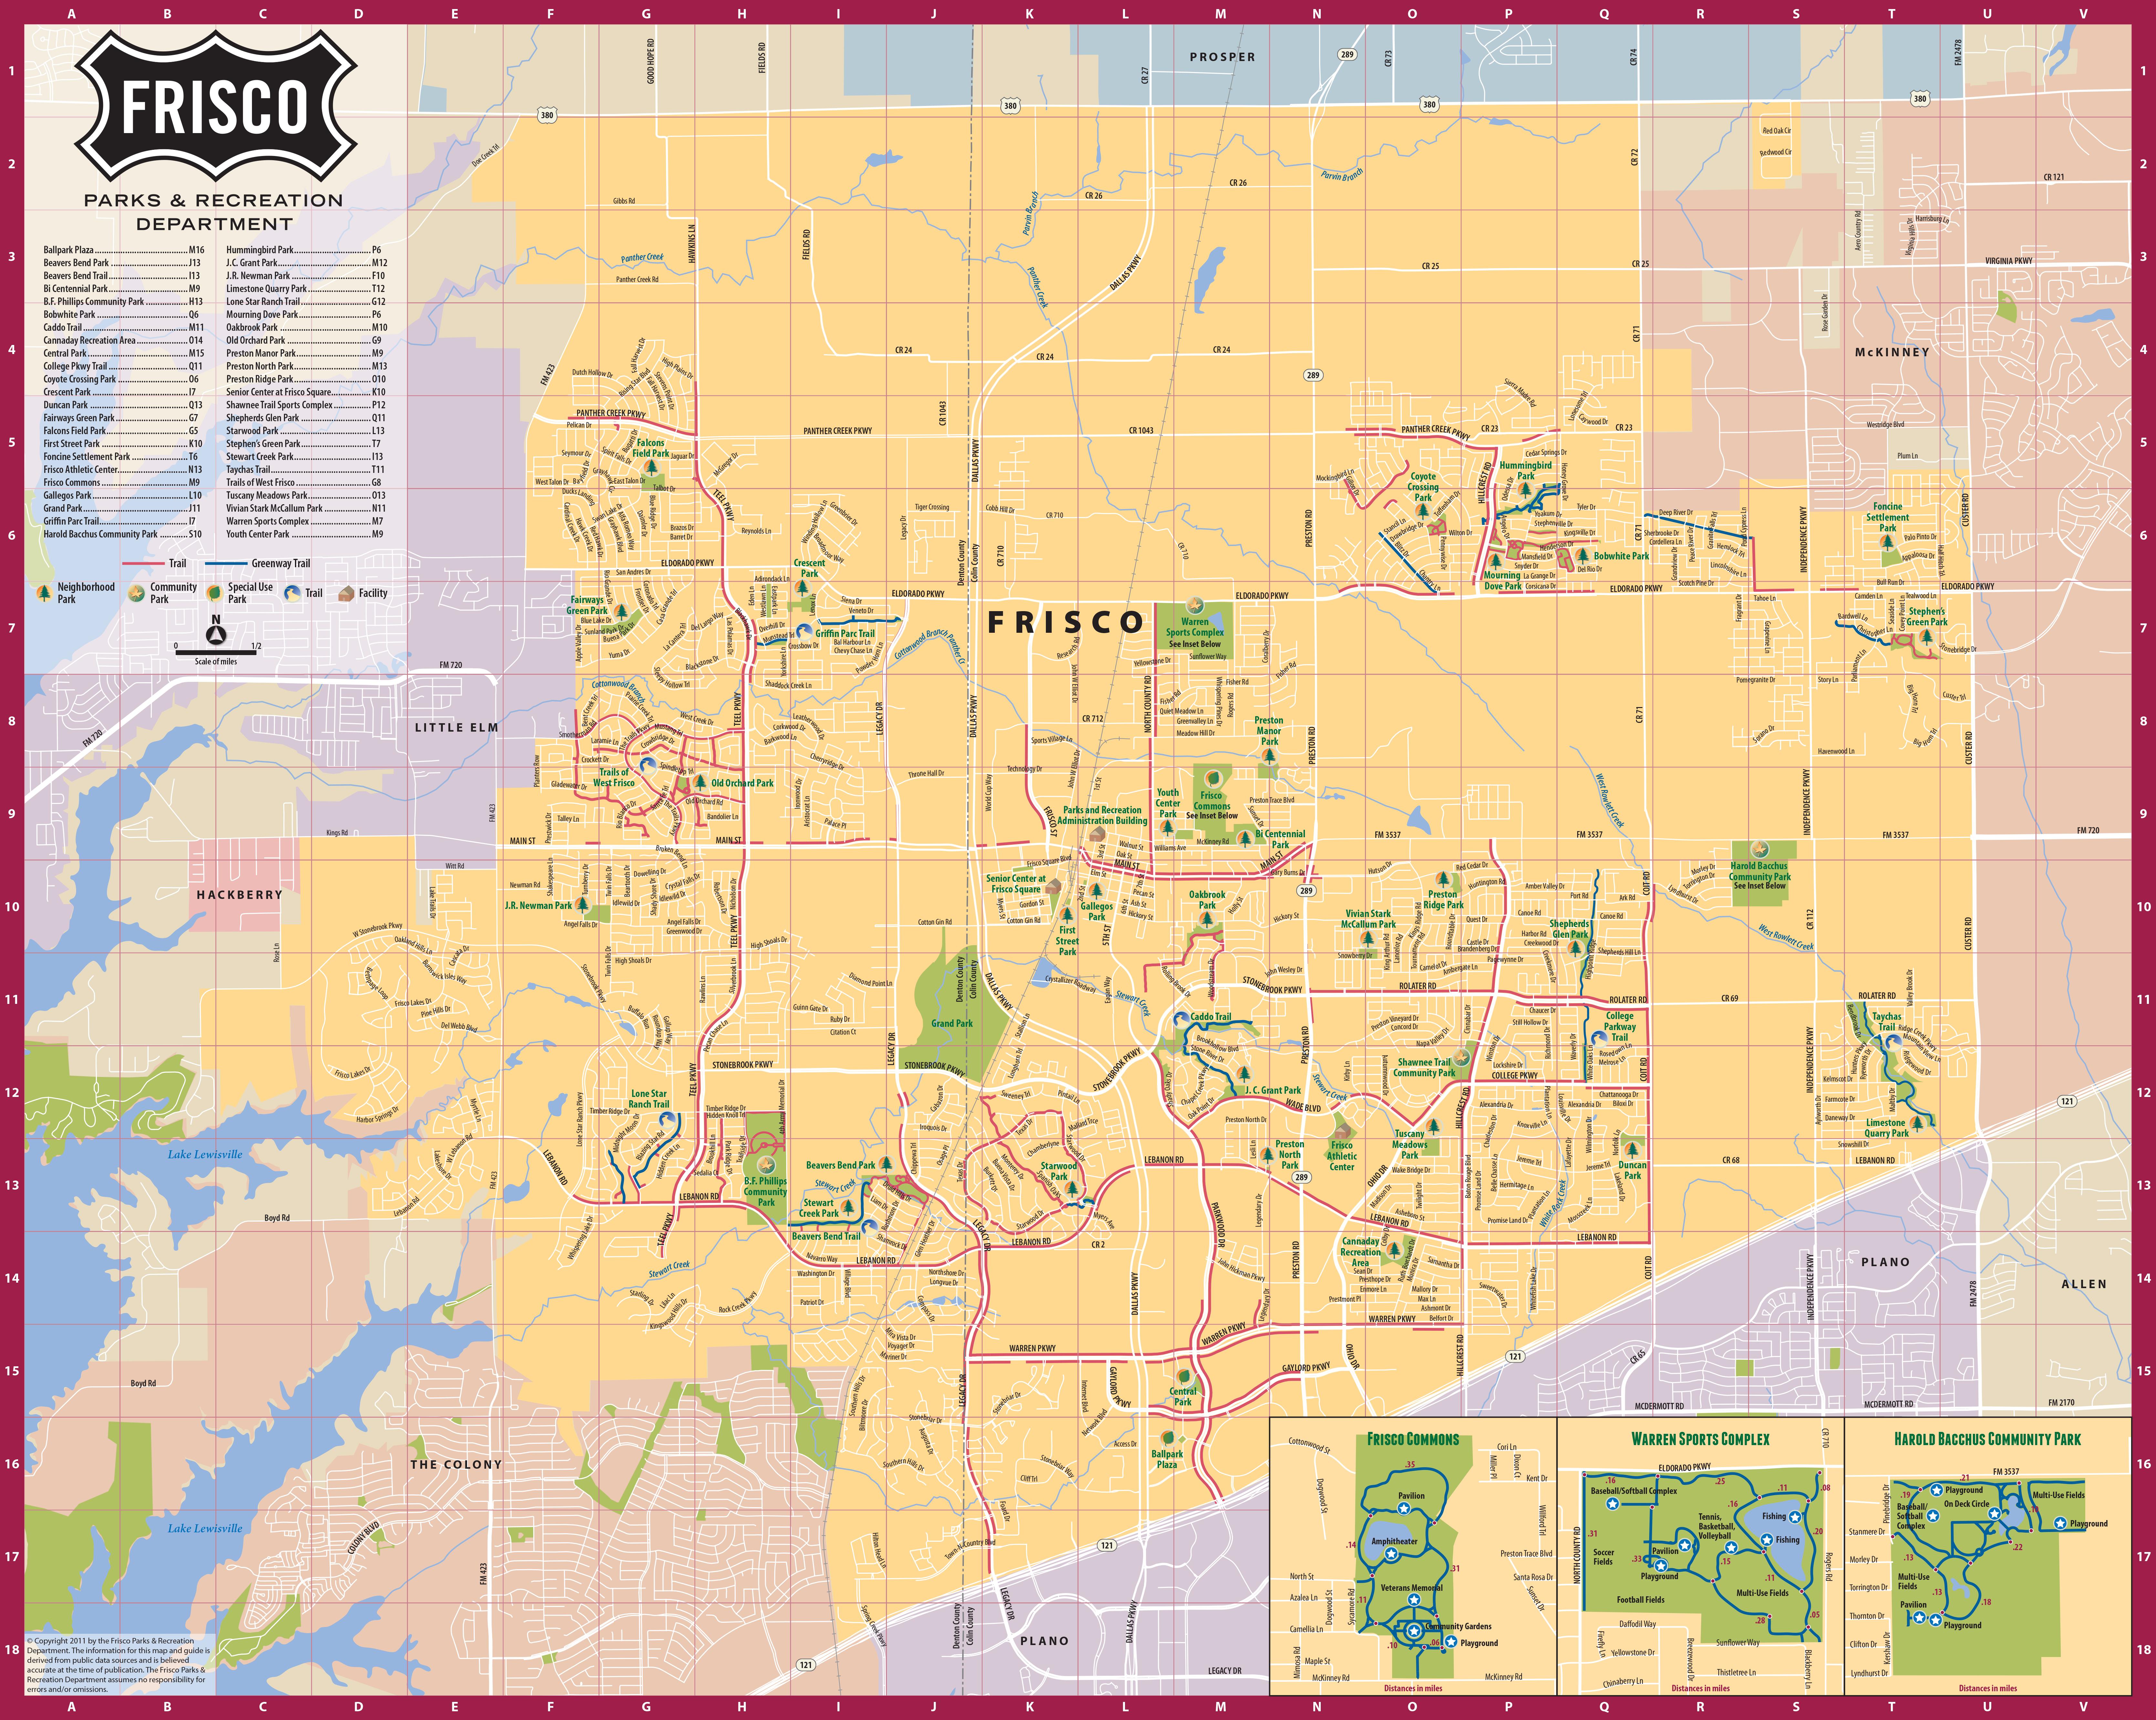 Map Of Frisco Tx Frisco Texas Official Convention & Visitors Site   Map of Frisco  Map Of Frisco Tx